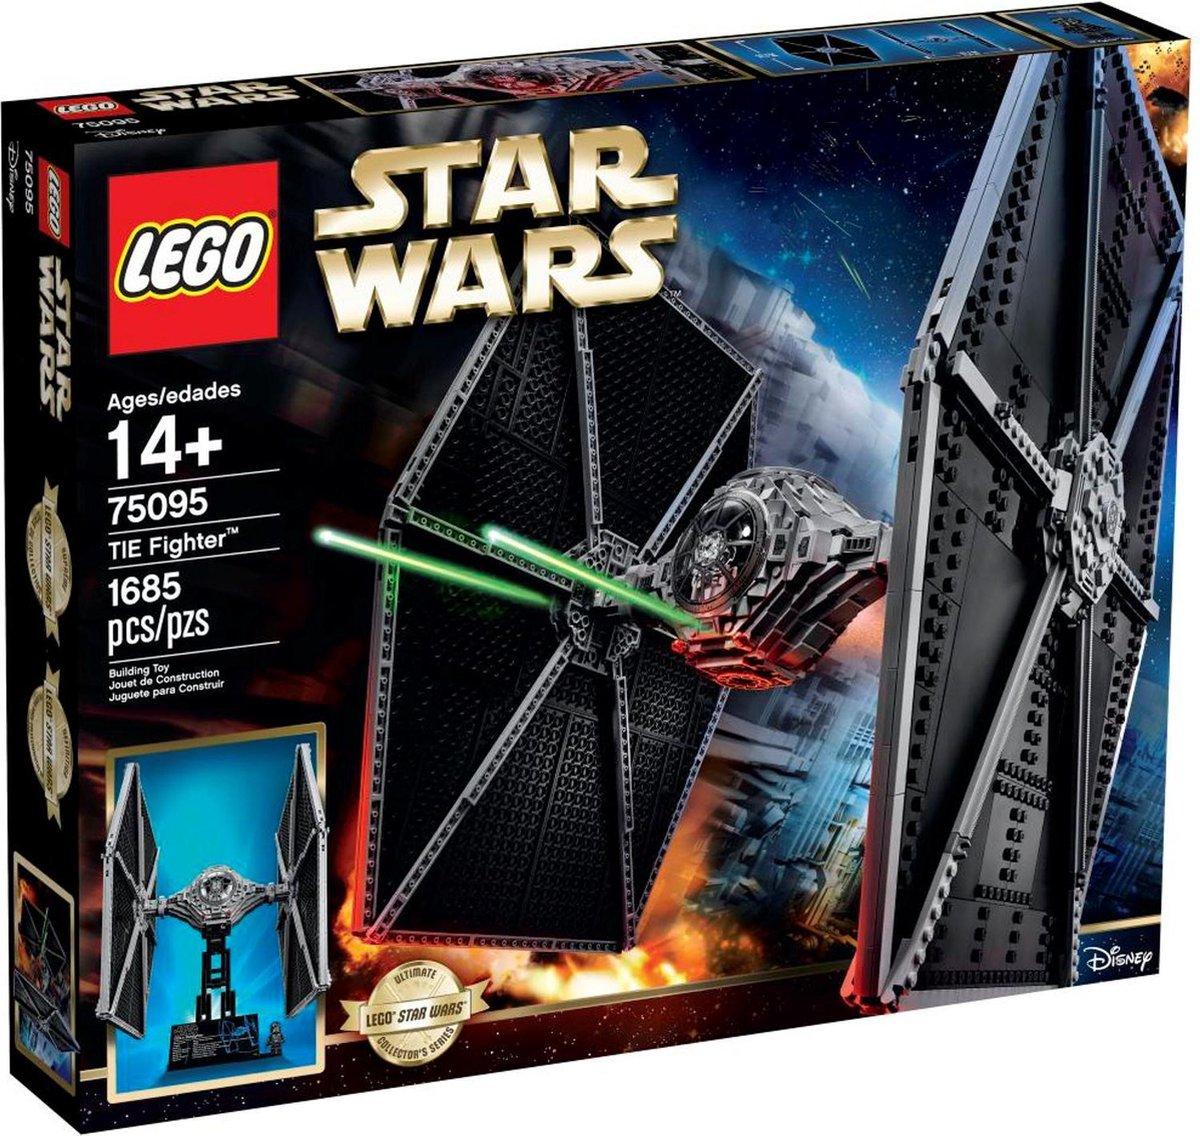 LEGO Star Wars UCS TIE Fighter - 75095